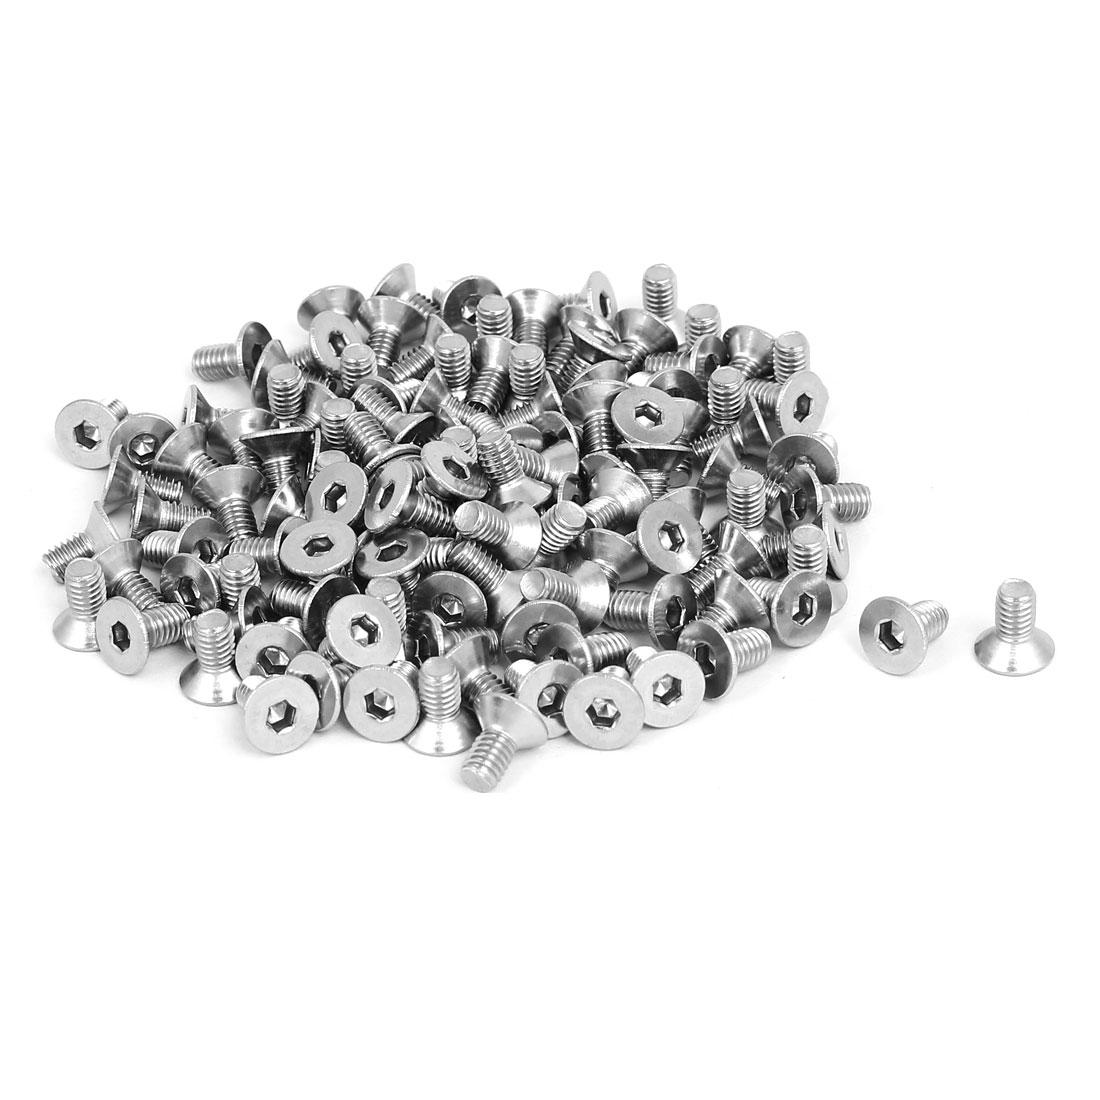 M4x8mm 304 Stainless Steel Flat Head Hex Socket Screws Fasteners DIN7991 120pcs